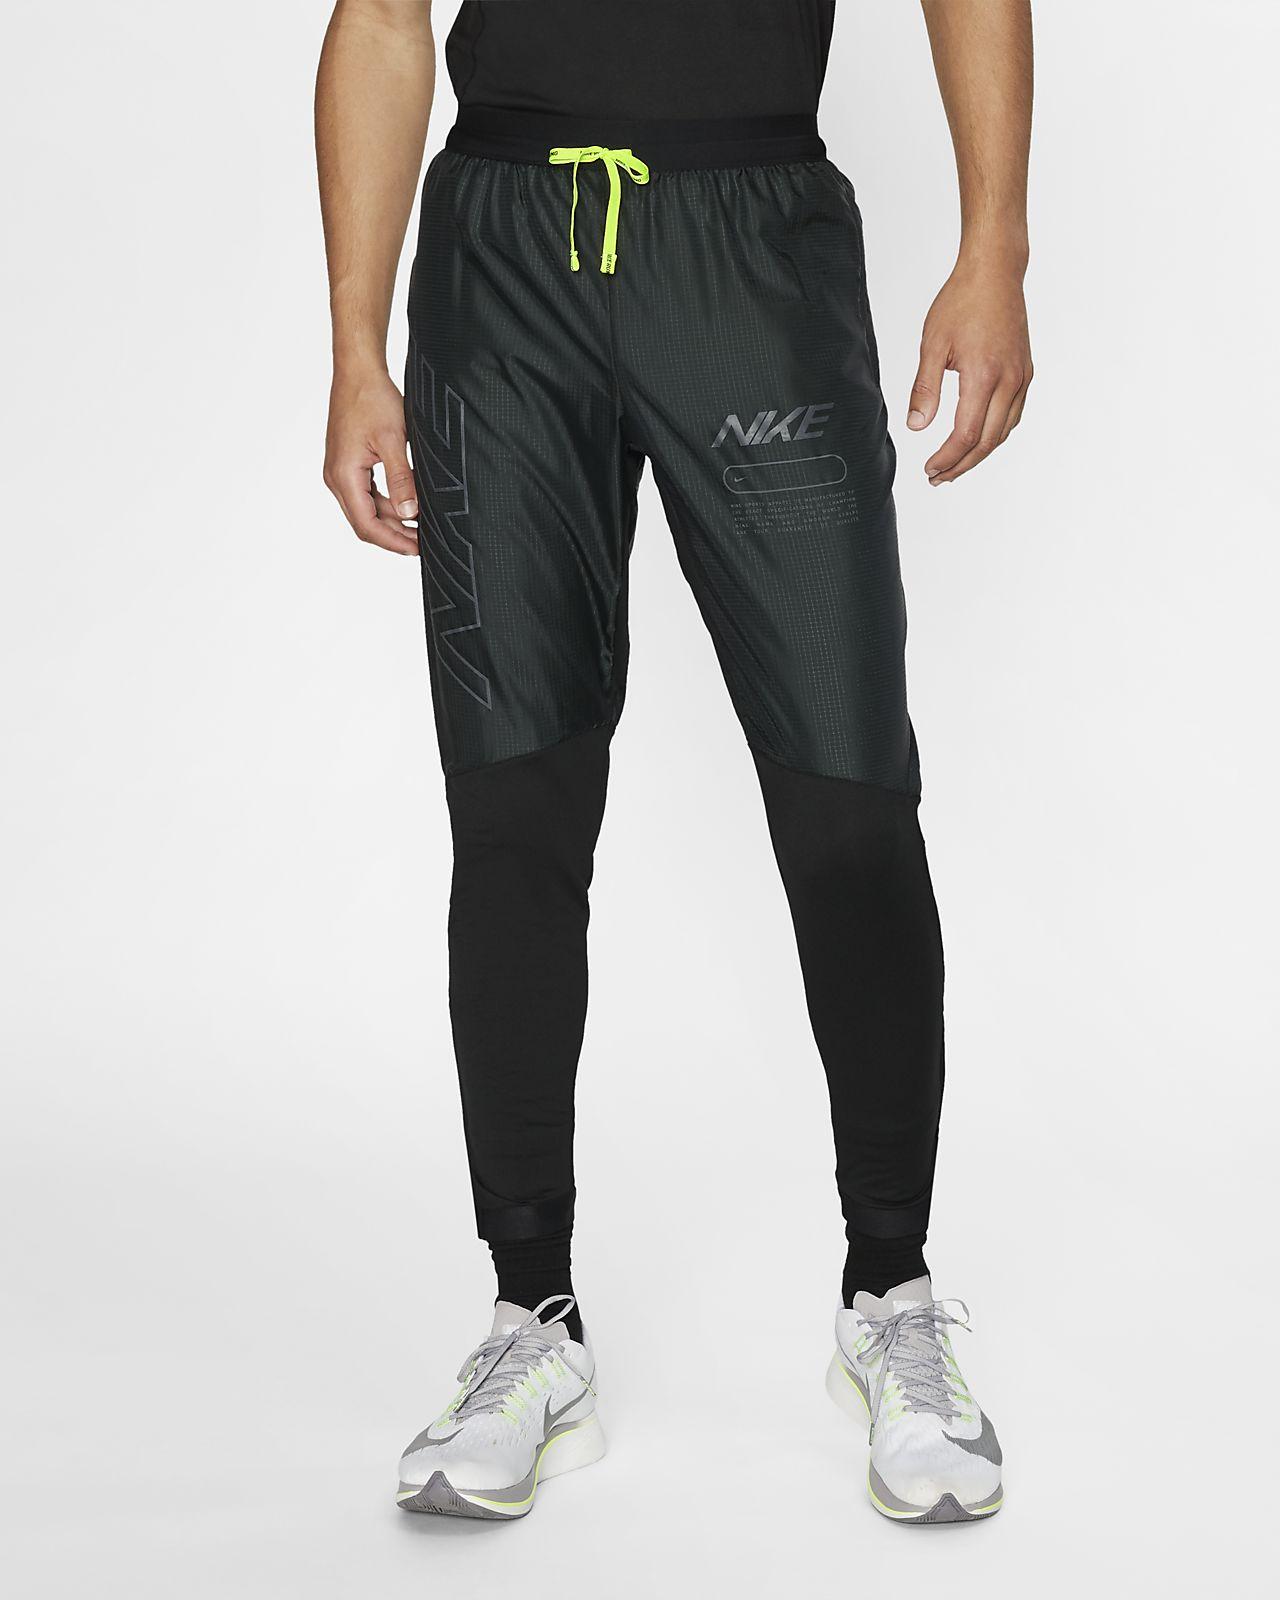 กางเกงวอร์มผู้ชาย Nike Air Phenom